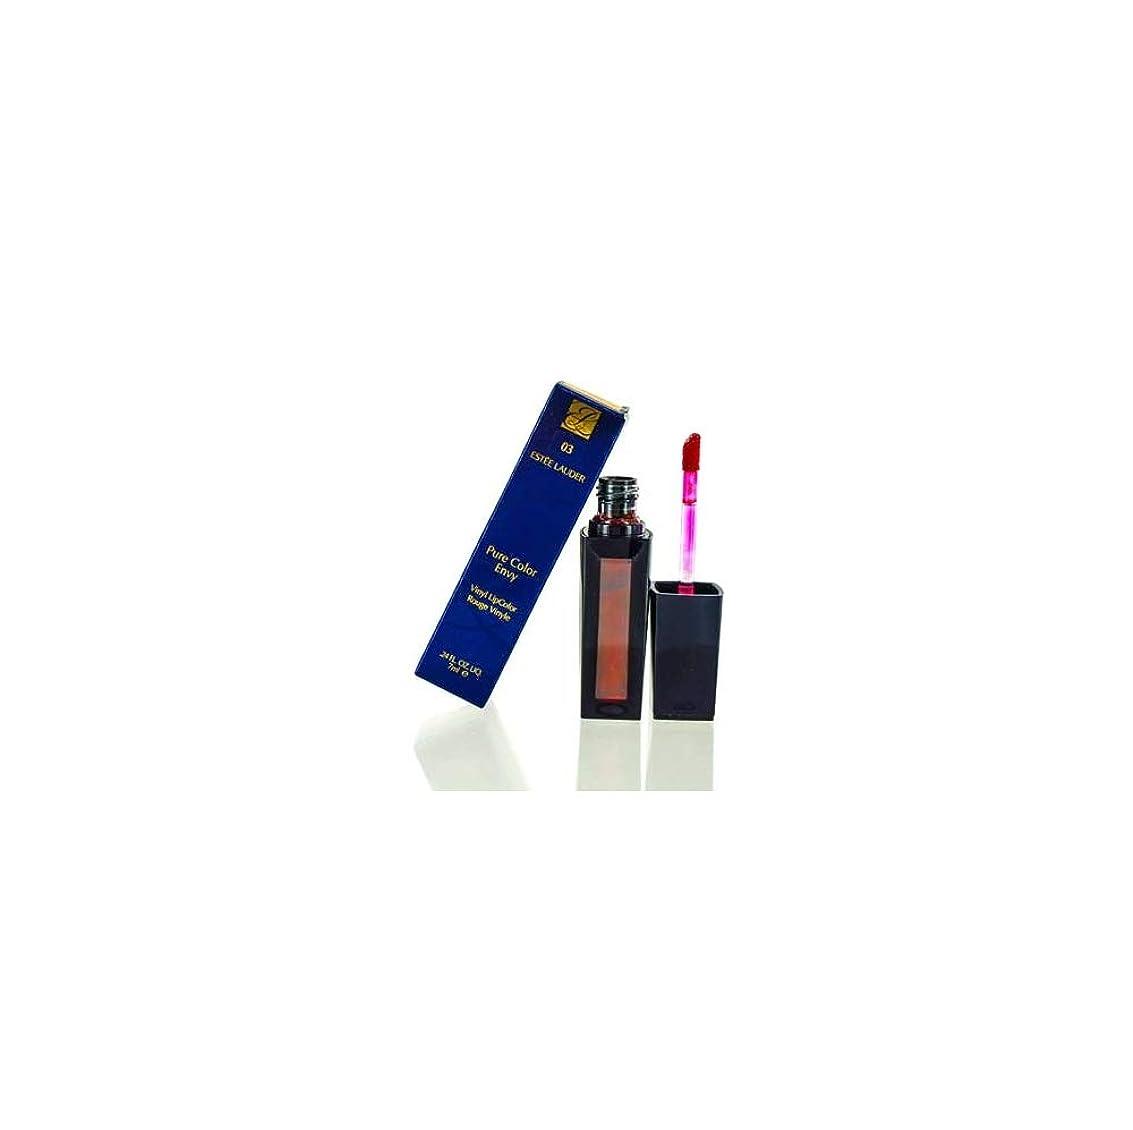 変装フレキシブル特別なエスティローダー Pure Color Envy Vinyl LipColor - # 03 Shock 7ml/0.24oz並行輸入品